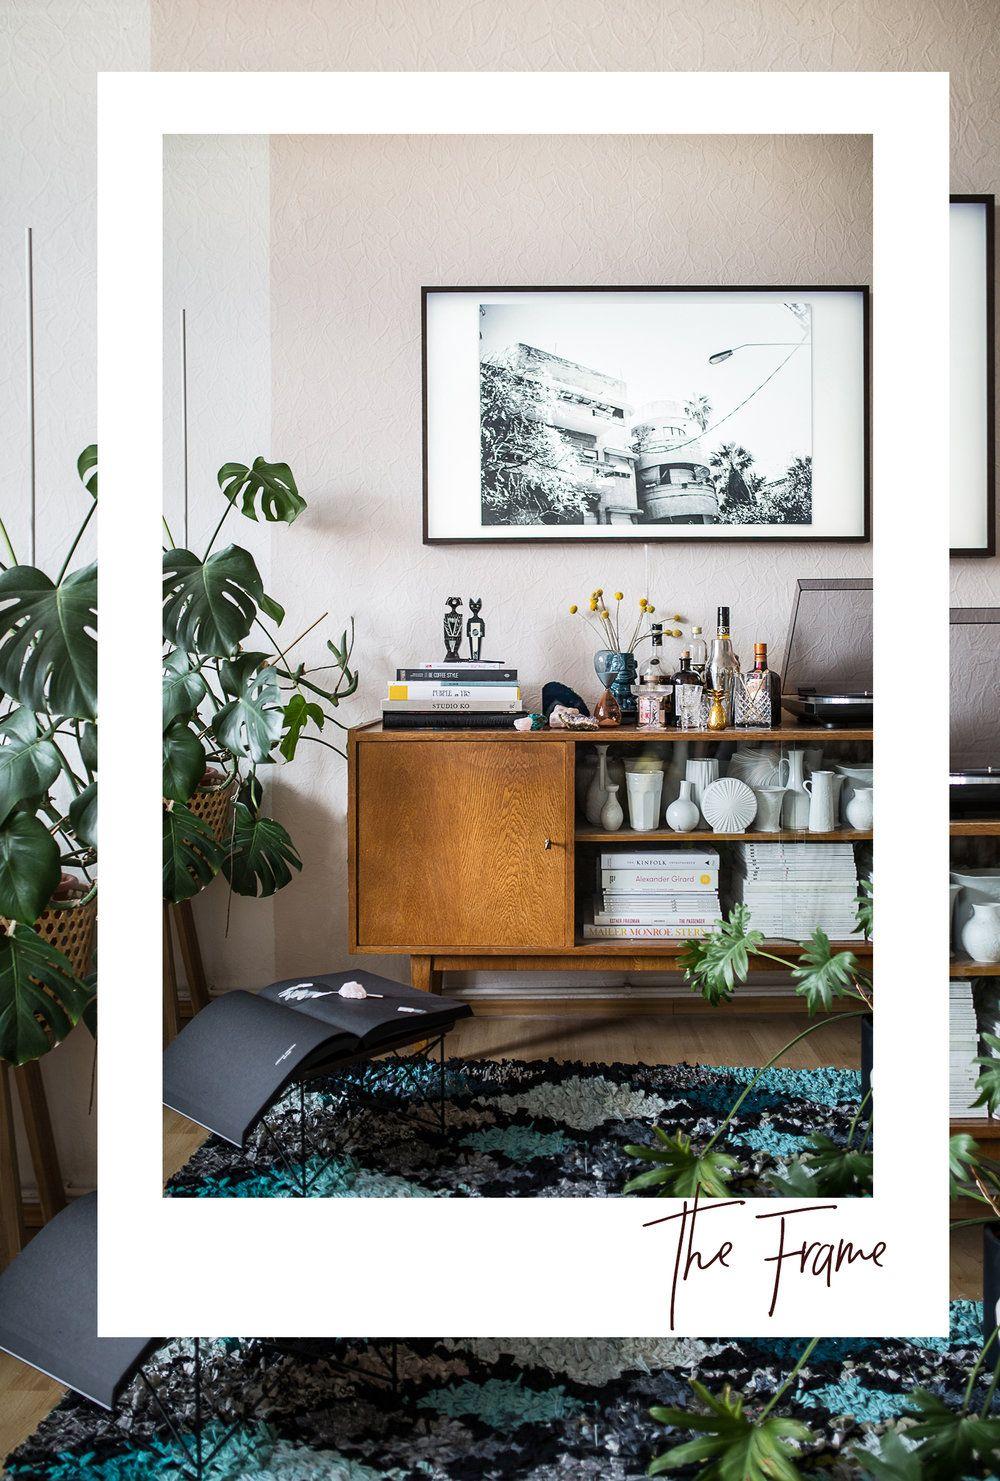 Alles im Rahmen! | Collage and Interiors